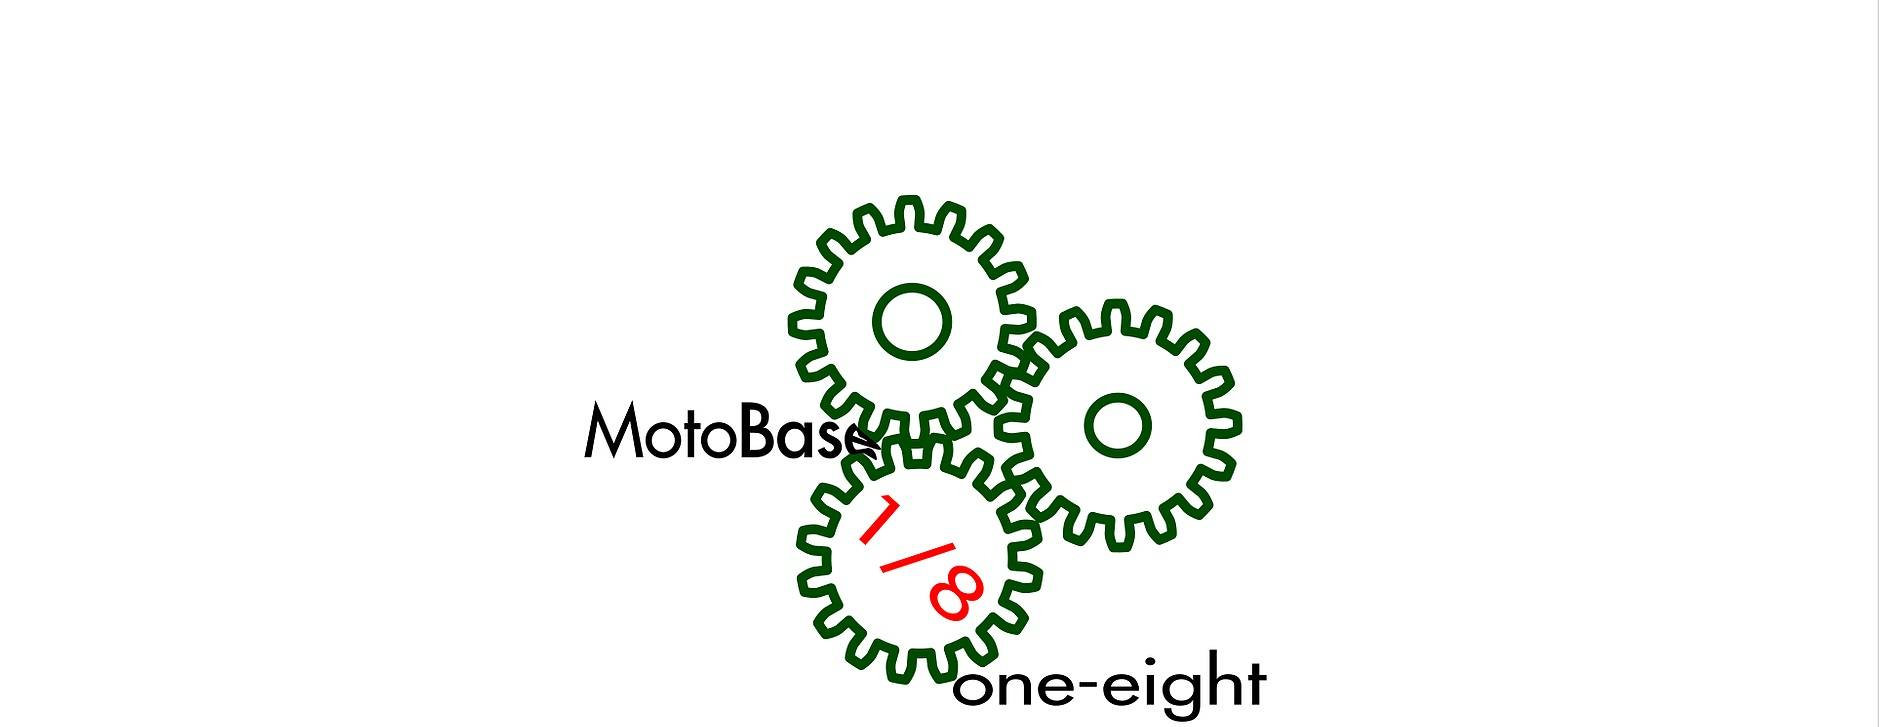 MOTOBASE